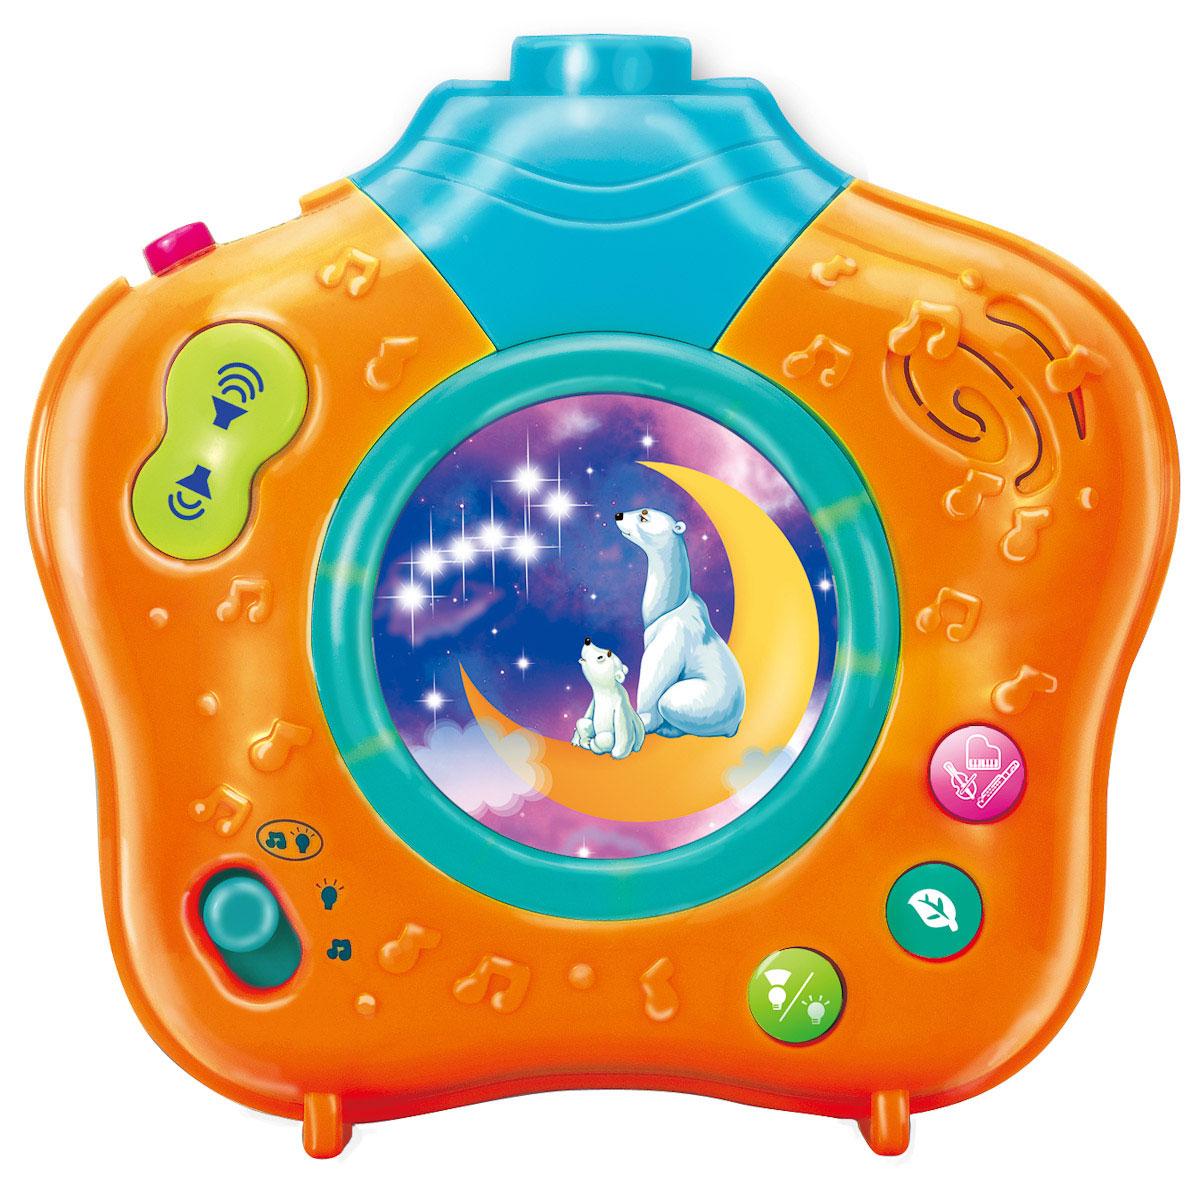 Ночник-проектор Волшебный мир, цвет: желтый0806-07Музыкальный ночник-проектор Волшебный мир с помощью приятных колыбельных и мелодий, звуков природы и мягкого света убаюкает Вашего малыша. Он очень компактный и его можно брать с собой в гости или путешествие.Красочная проекция на потолке движется по кругу, привлекая внимание, успокаивая и завораживая ребенка. В ночнике предусмотрена возможность установить таймер и выбрать режим работы. Приглушенный свет и нежные мелодии создадут сказочную атмосферу в комнате малыша и погрузят его в волшебный мир приятных сновидений!Работает от 3 батареек 1,5 V АА (входят в комплект). Характеристики: Рекомендуемый возраст: от 0 месяцев. Размер ночника: 14 см х 14 см х 8 см. Размер упаковки: 18 см х 23 см х 8,5 см. Изготовитель: Китай. Для работы устройства необходимы 3 батареи напряжением 1,5V типа АА (входят в комплект).